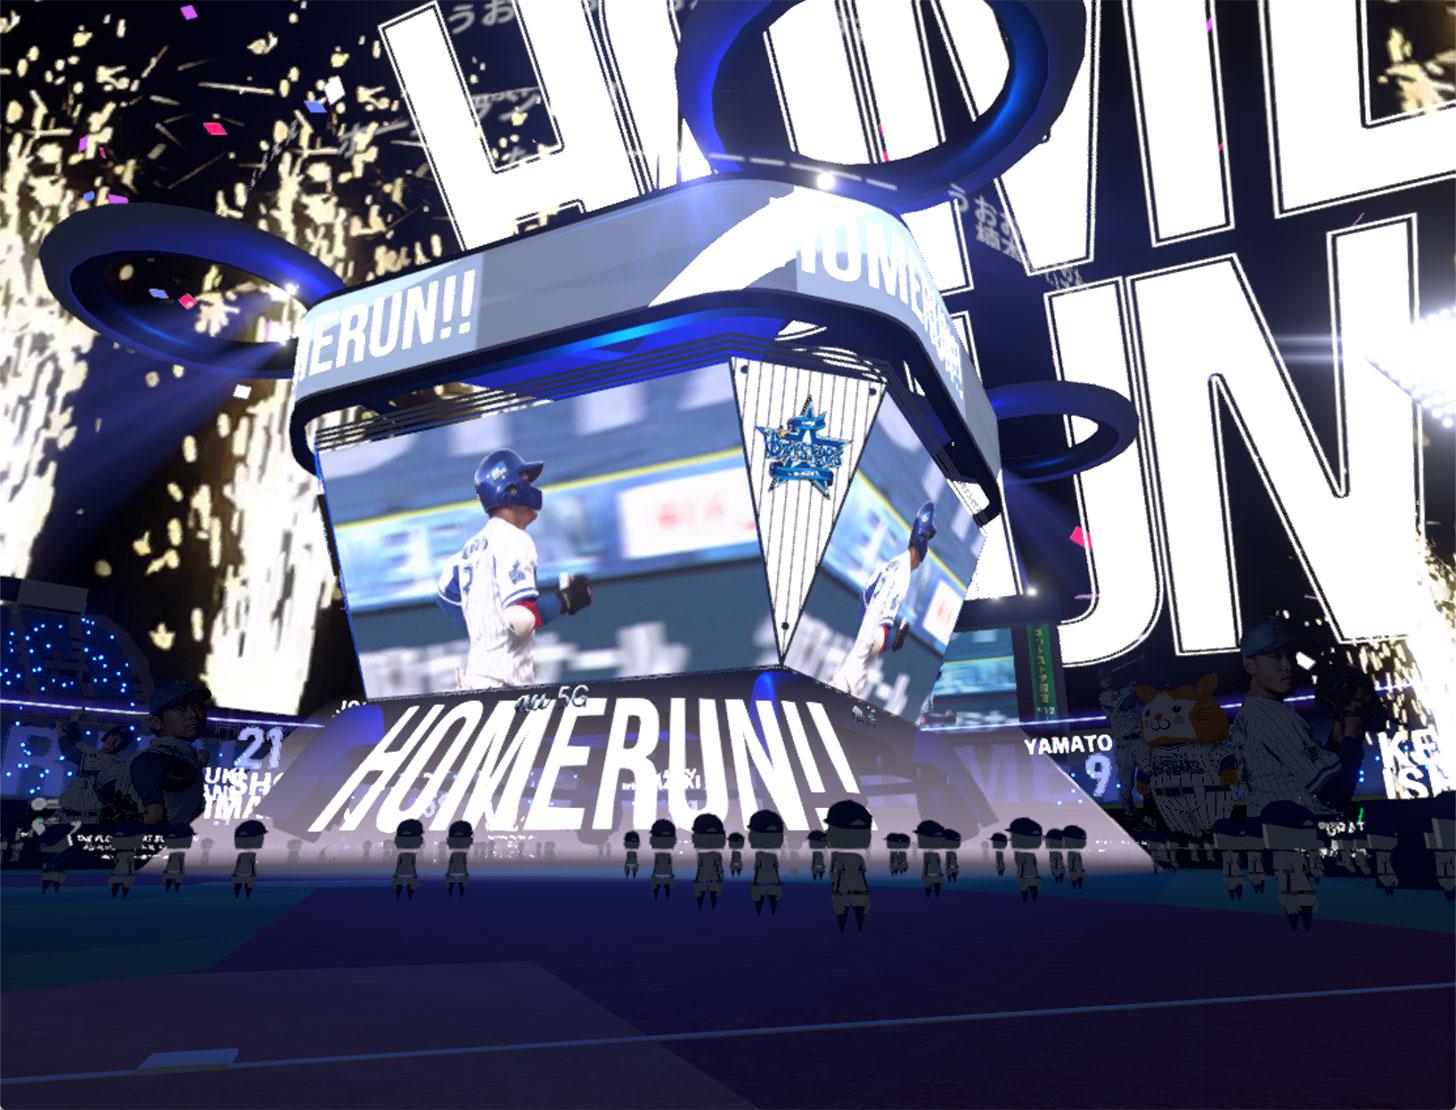 横浜DeNA「バーチャルハマスタ」第2弾実施!新たに自由視点映像や有料コンテンツ